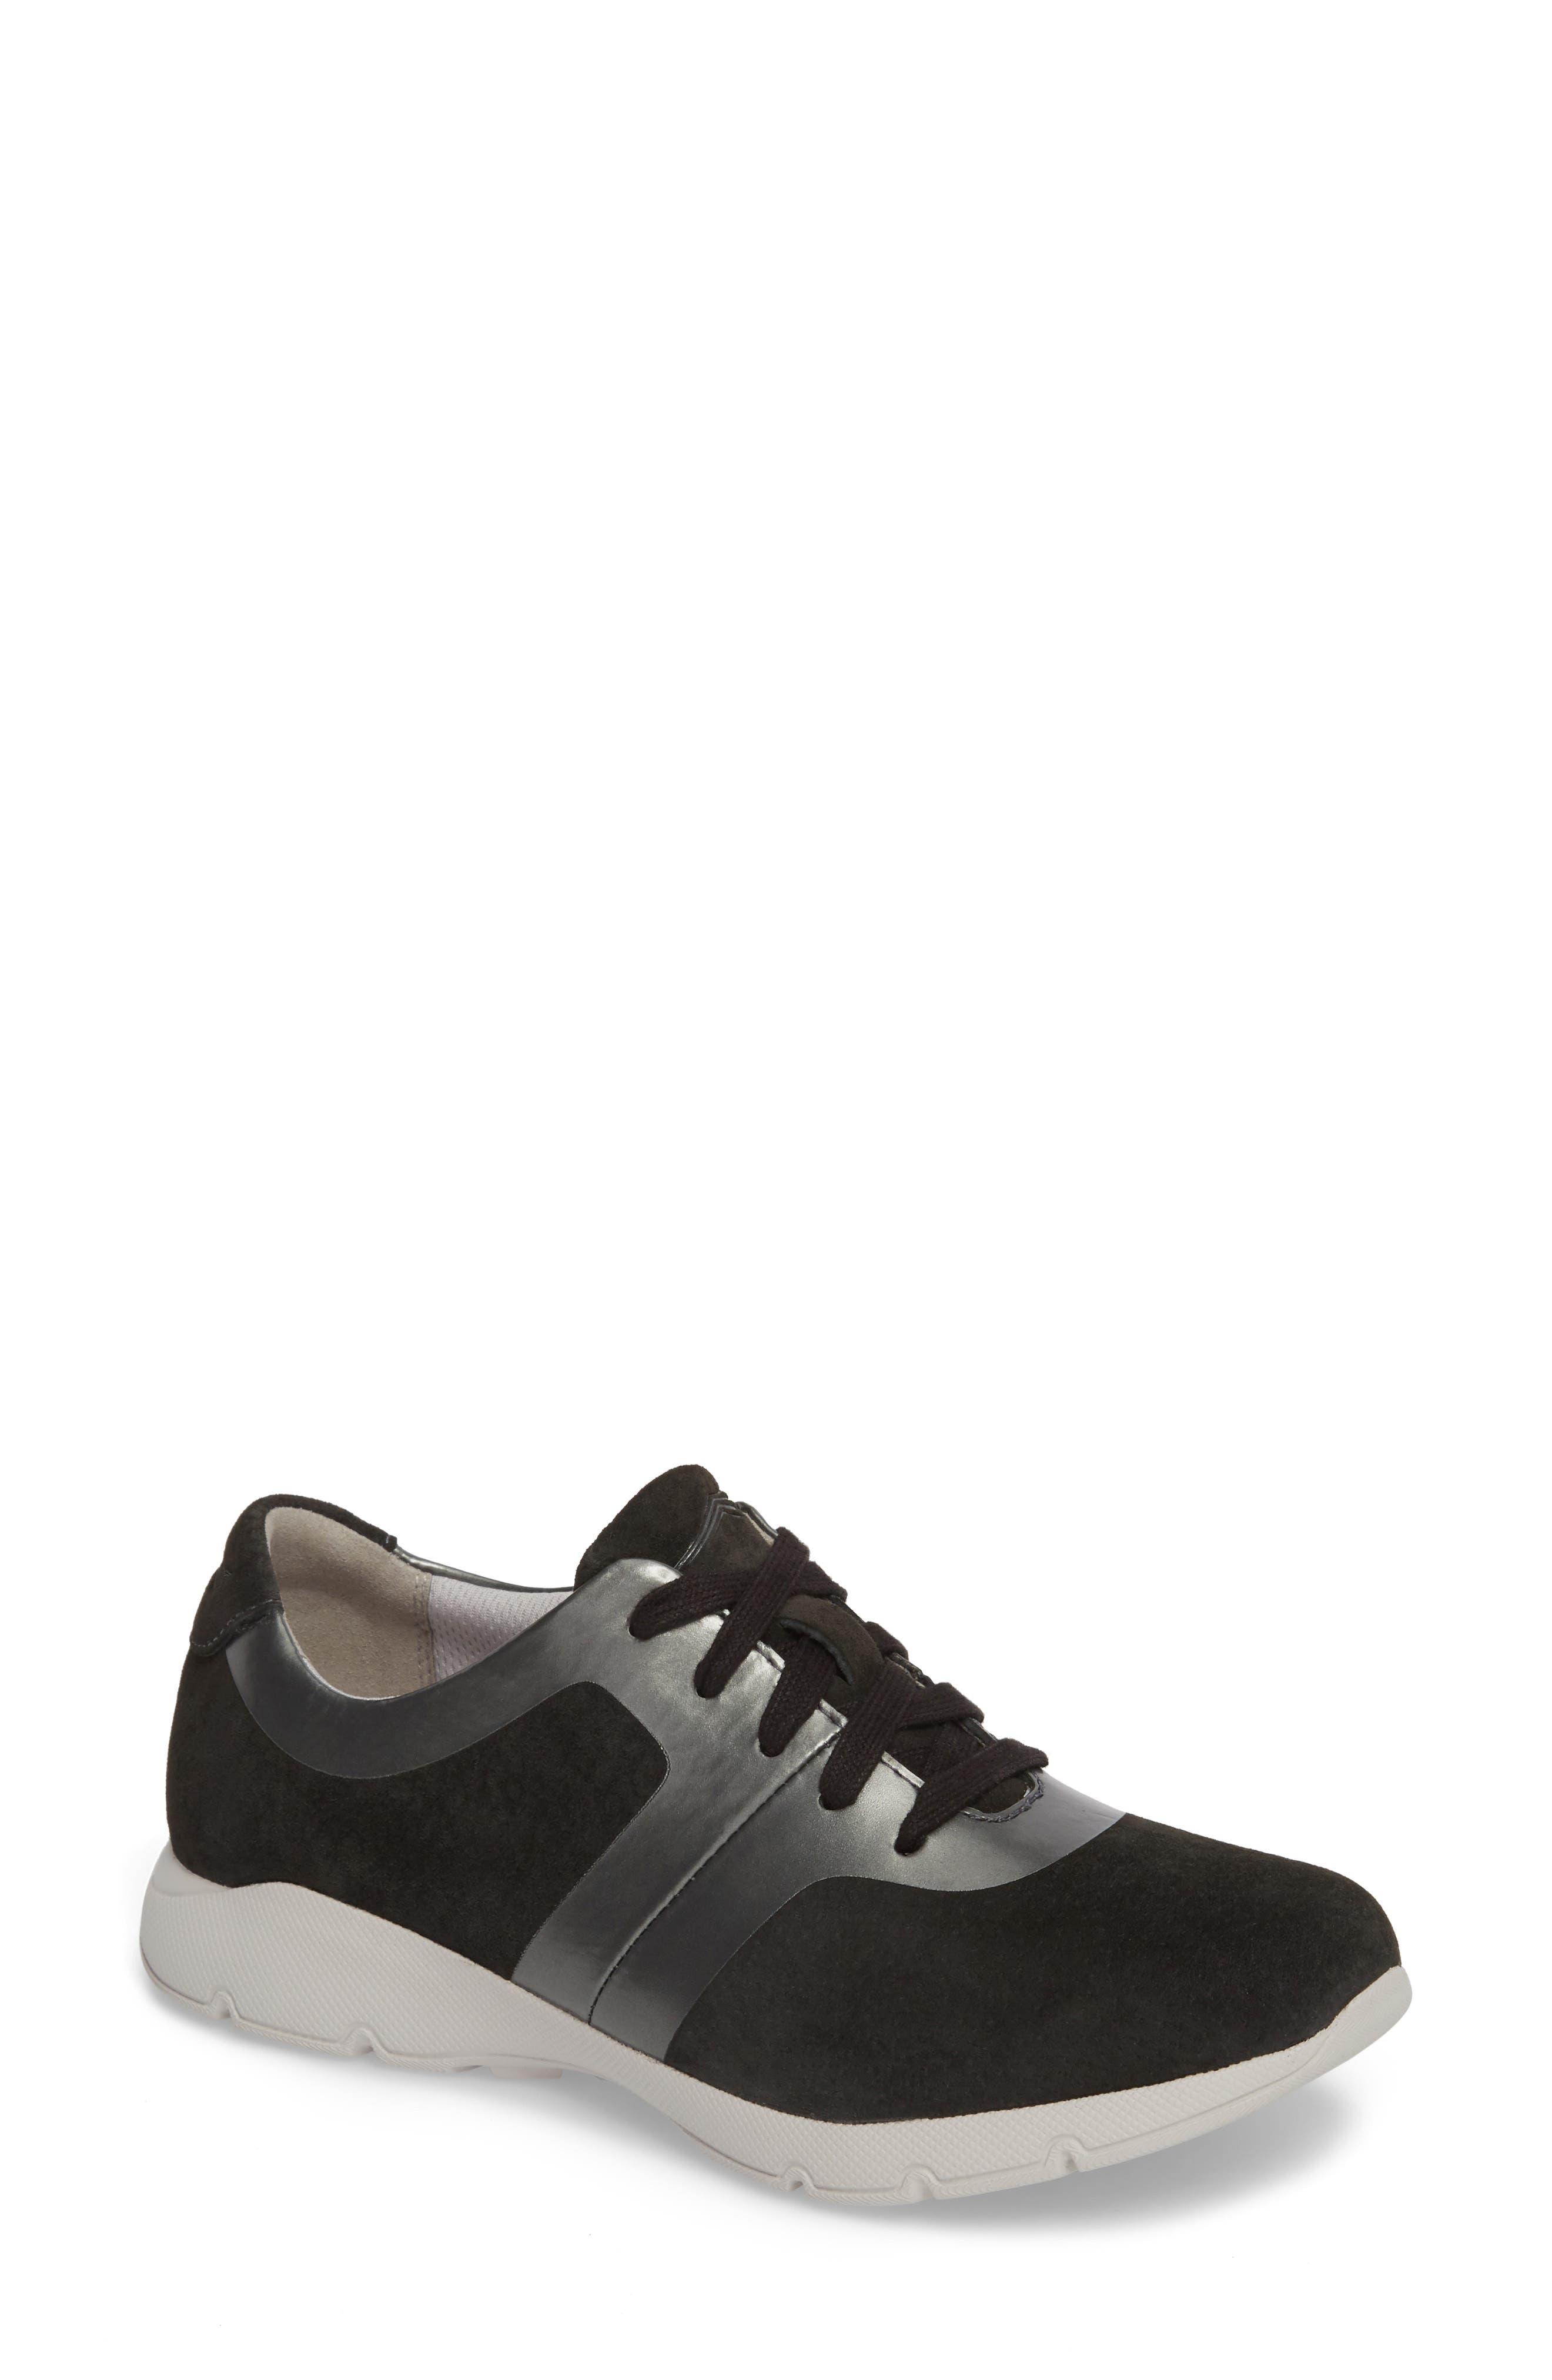 Dansko | Andi Suede Sneaker | Nordstrom